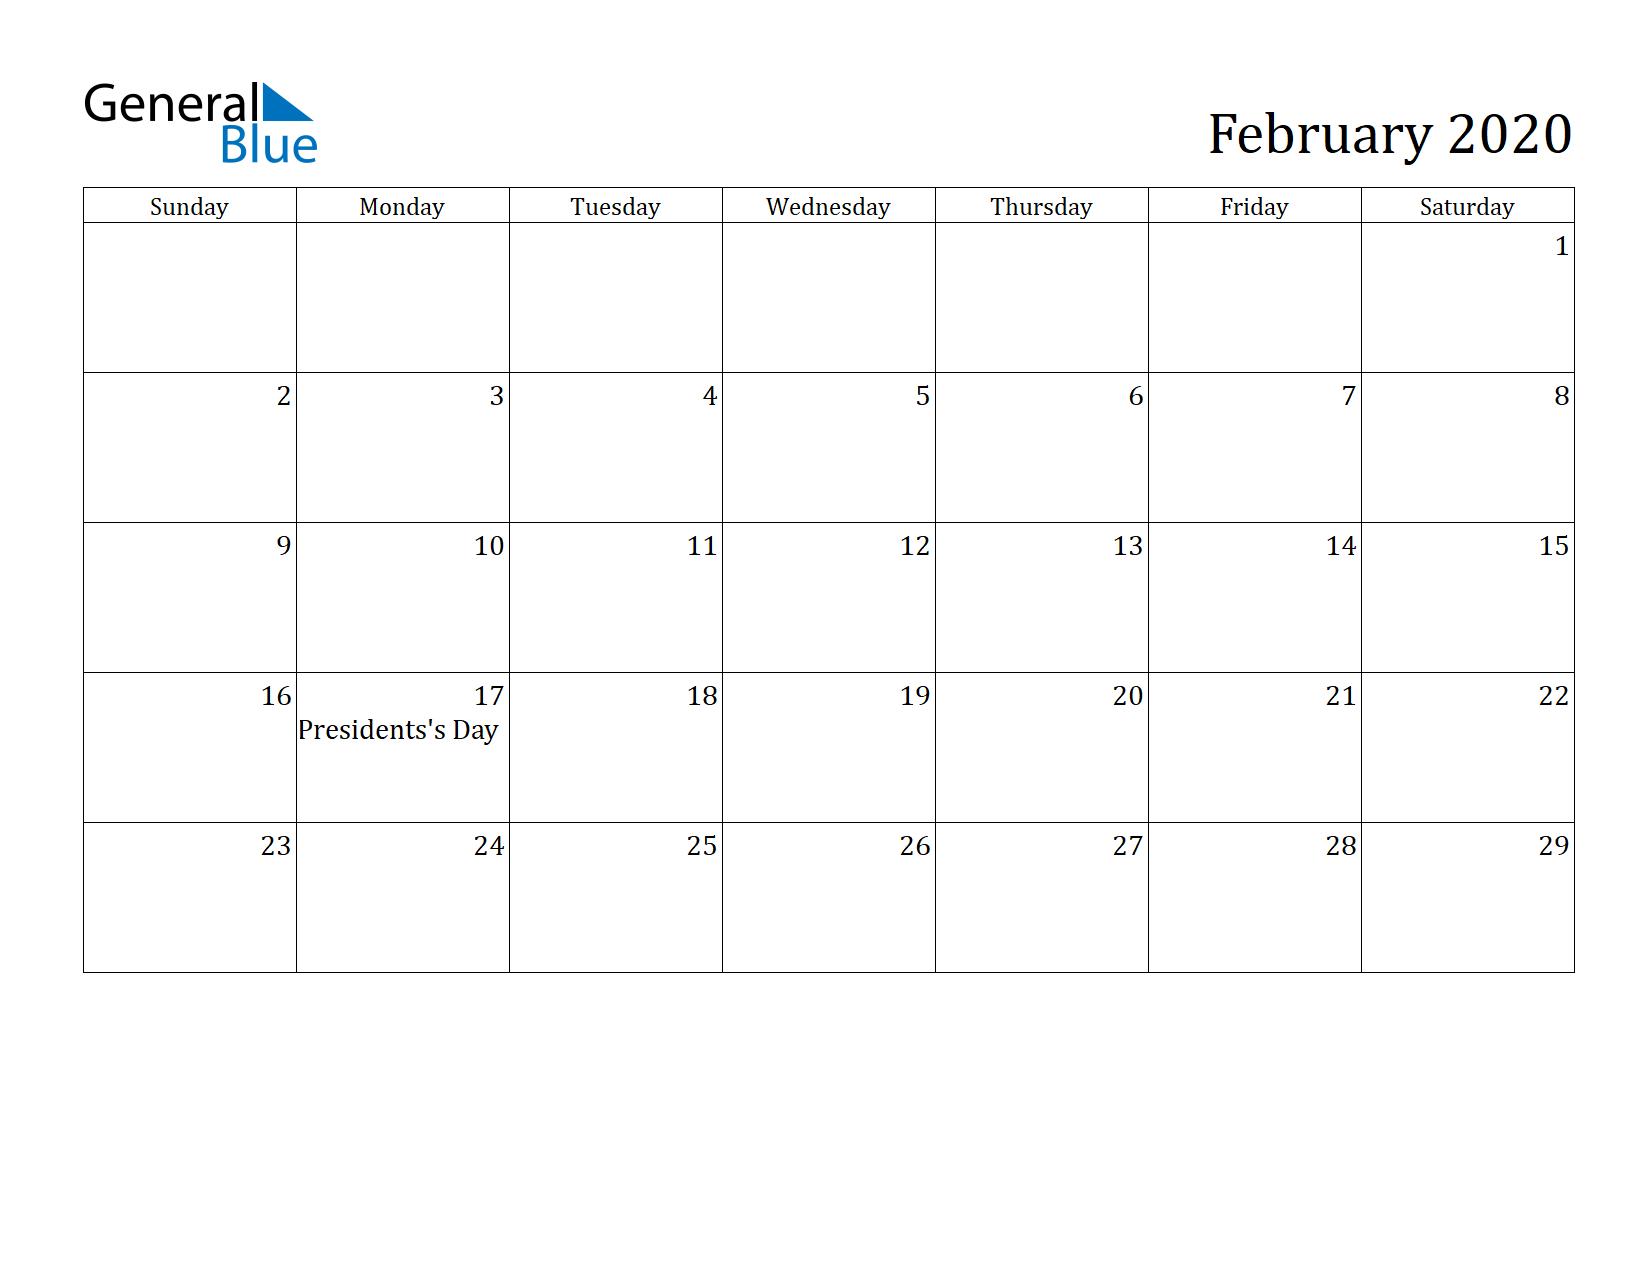 Image of February 2020 Calendar